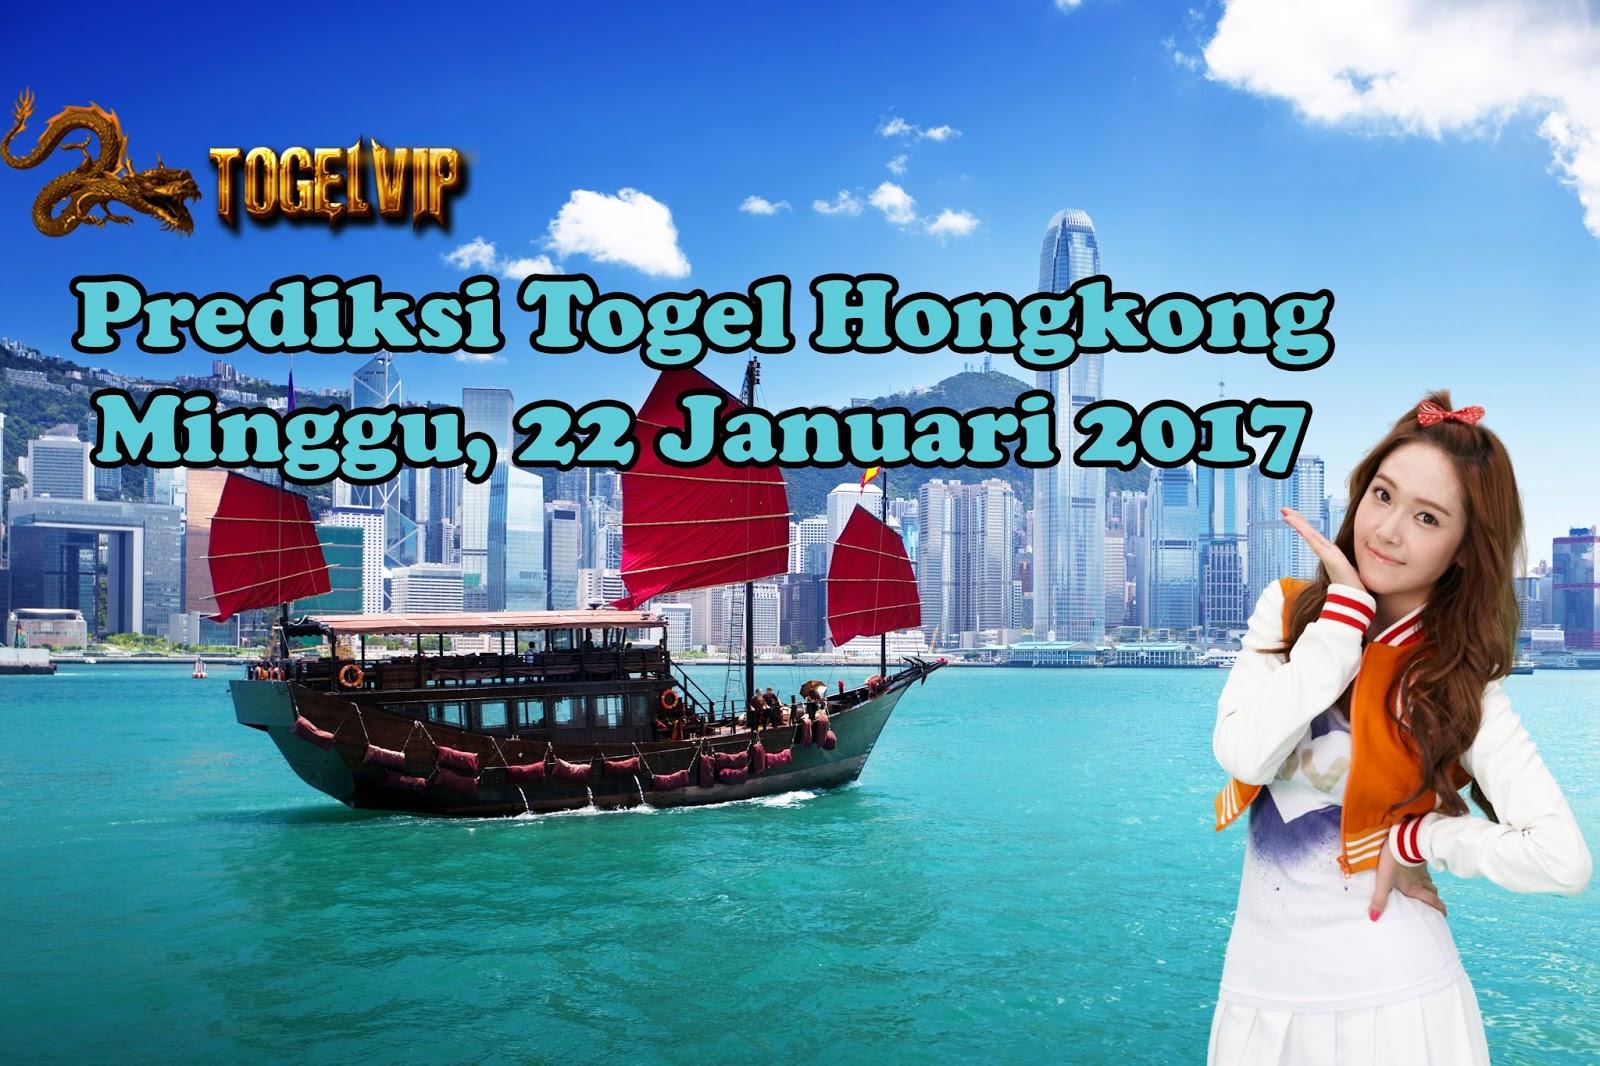 Raja Poker Prediksi Nomor Togel Singapore Minggu 22 Januari 2017 Togelvip